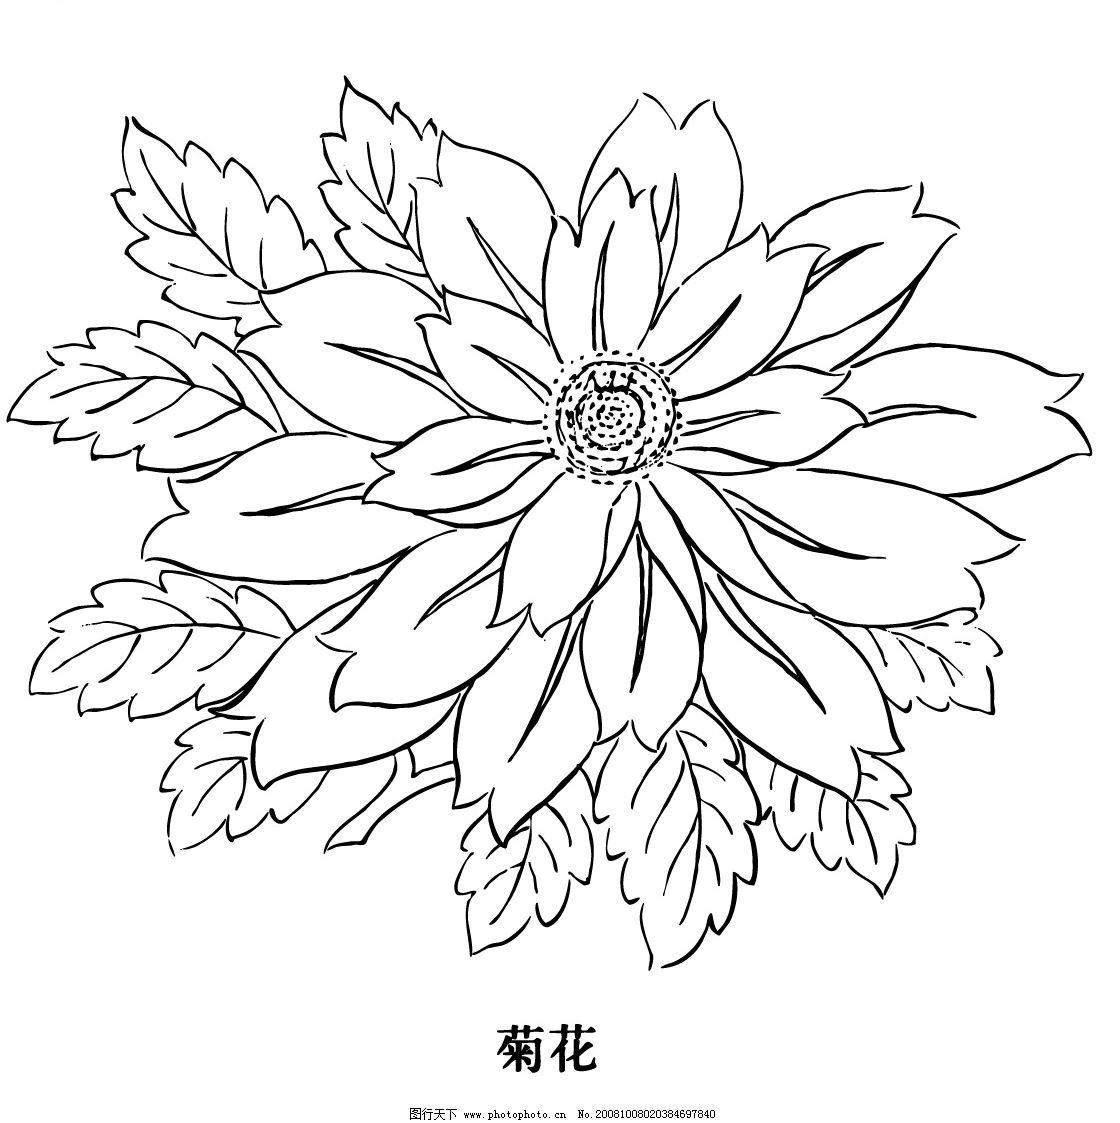 菊花 中国古代图案 云边寿团 花纹花边 花团 古典 喜庆符号 传统服饰